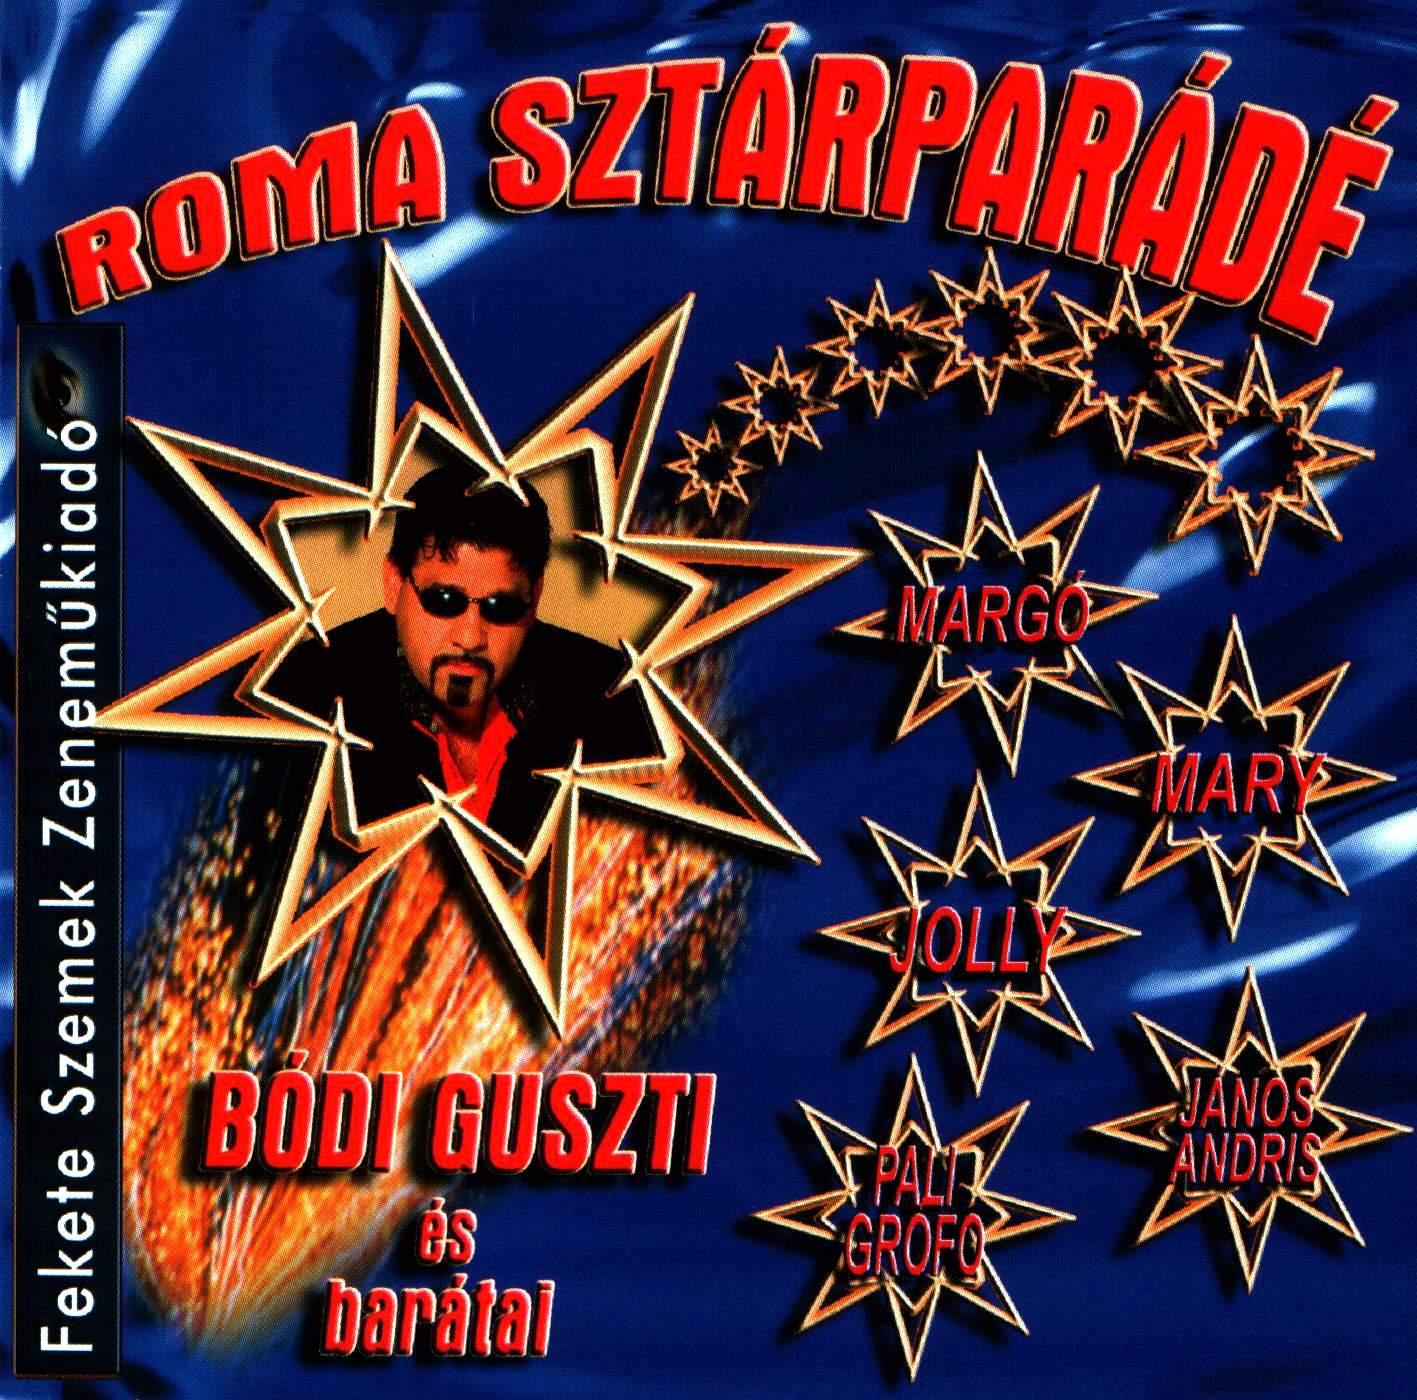 Bódi Guszti és a Fekete szemek Roma sztárparádé